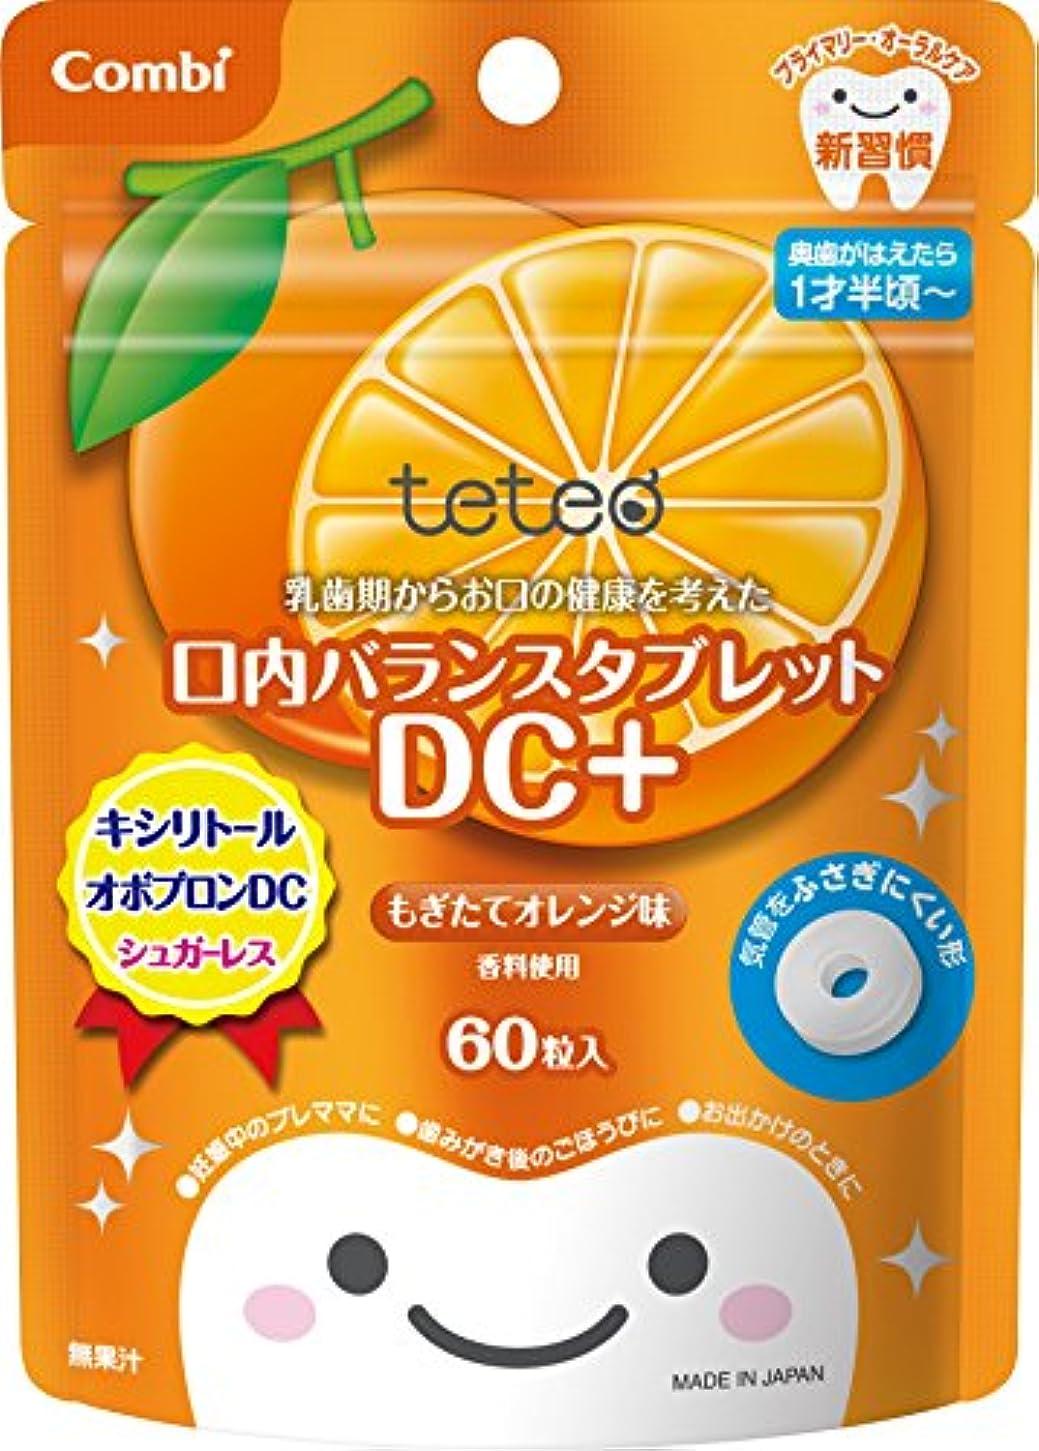 理容室文化フィードオンコンビ テテオ 乳歯期からお口の健康を考えた 口内バランスタブレット DC+ もぎたてオレンジ味 60粒入